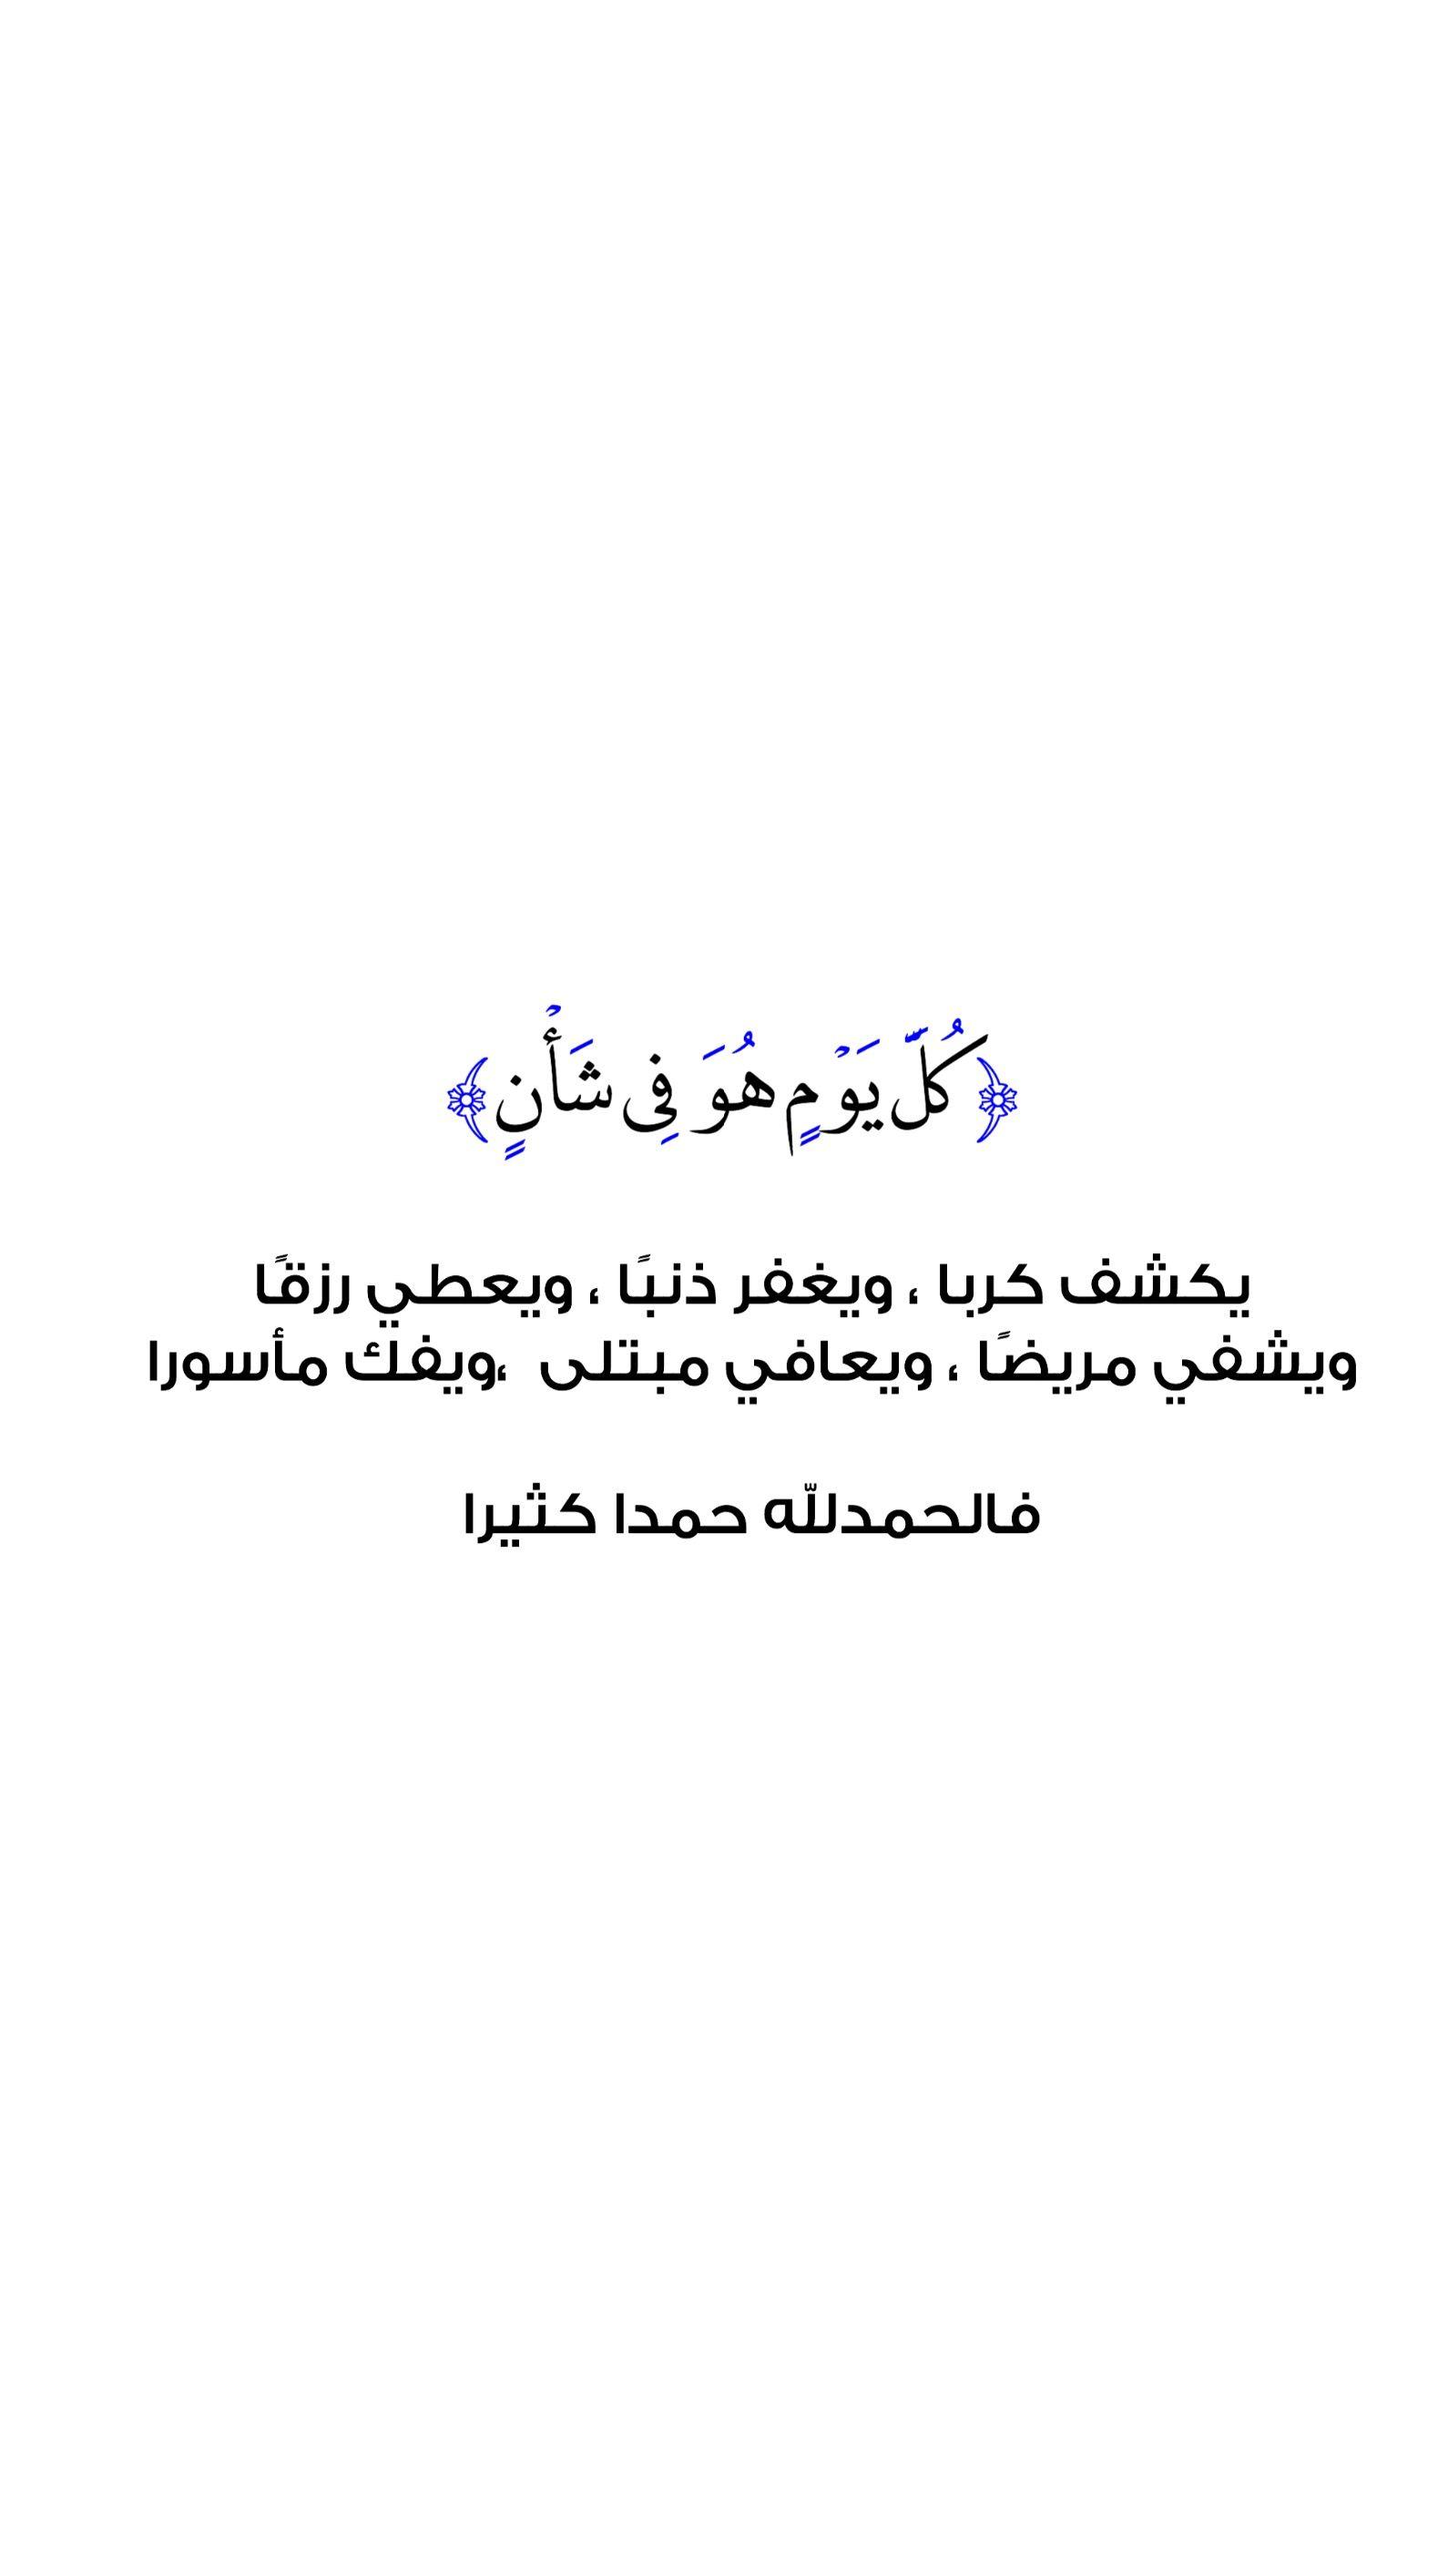 كل يوم هو في شأن الله سبحان الله الحمدلله Wisdom Quotes Life Islamic Quotes Islamic Quotes Quran